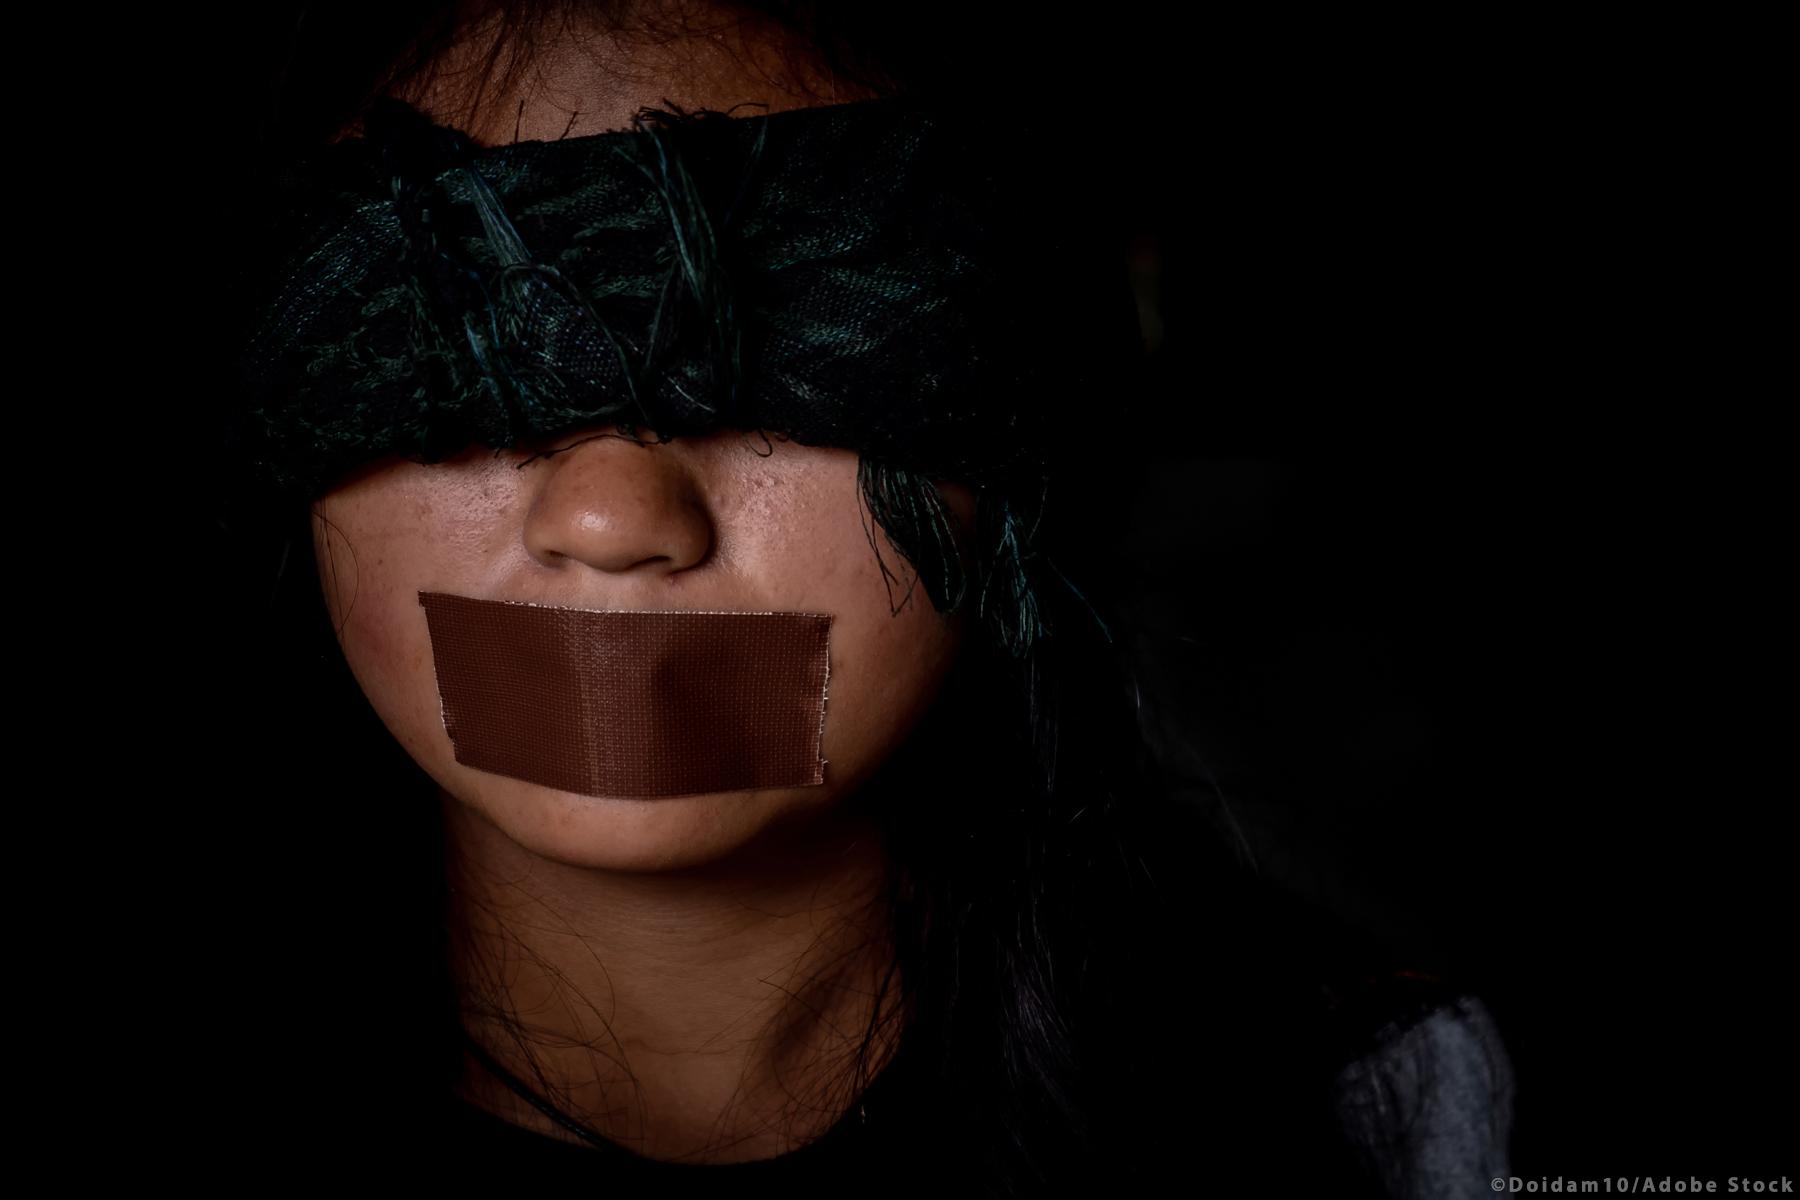 Plus de 14 000 victimes de la traite des êtres humains ont été enregistrées dans l'UE entre 2017 et 2018. ©AdobeStock/doidam10